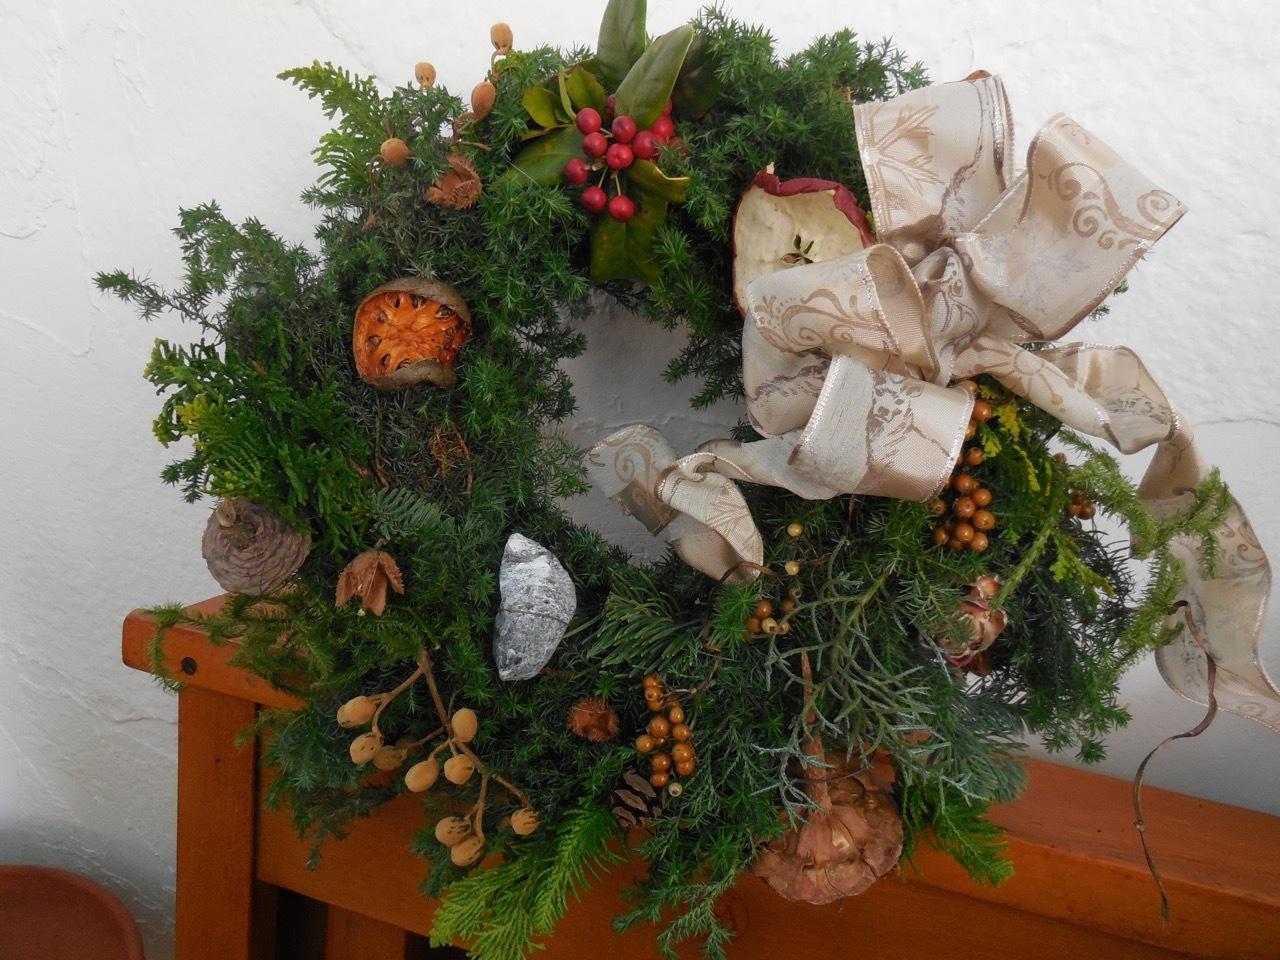 自然素材のクリスマス・リースを作りました!_e0356356_18225291.jpg